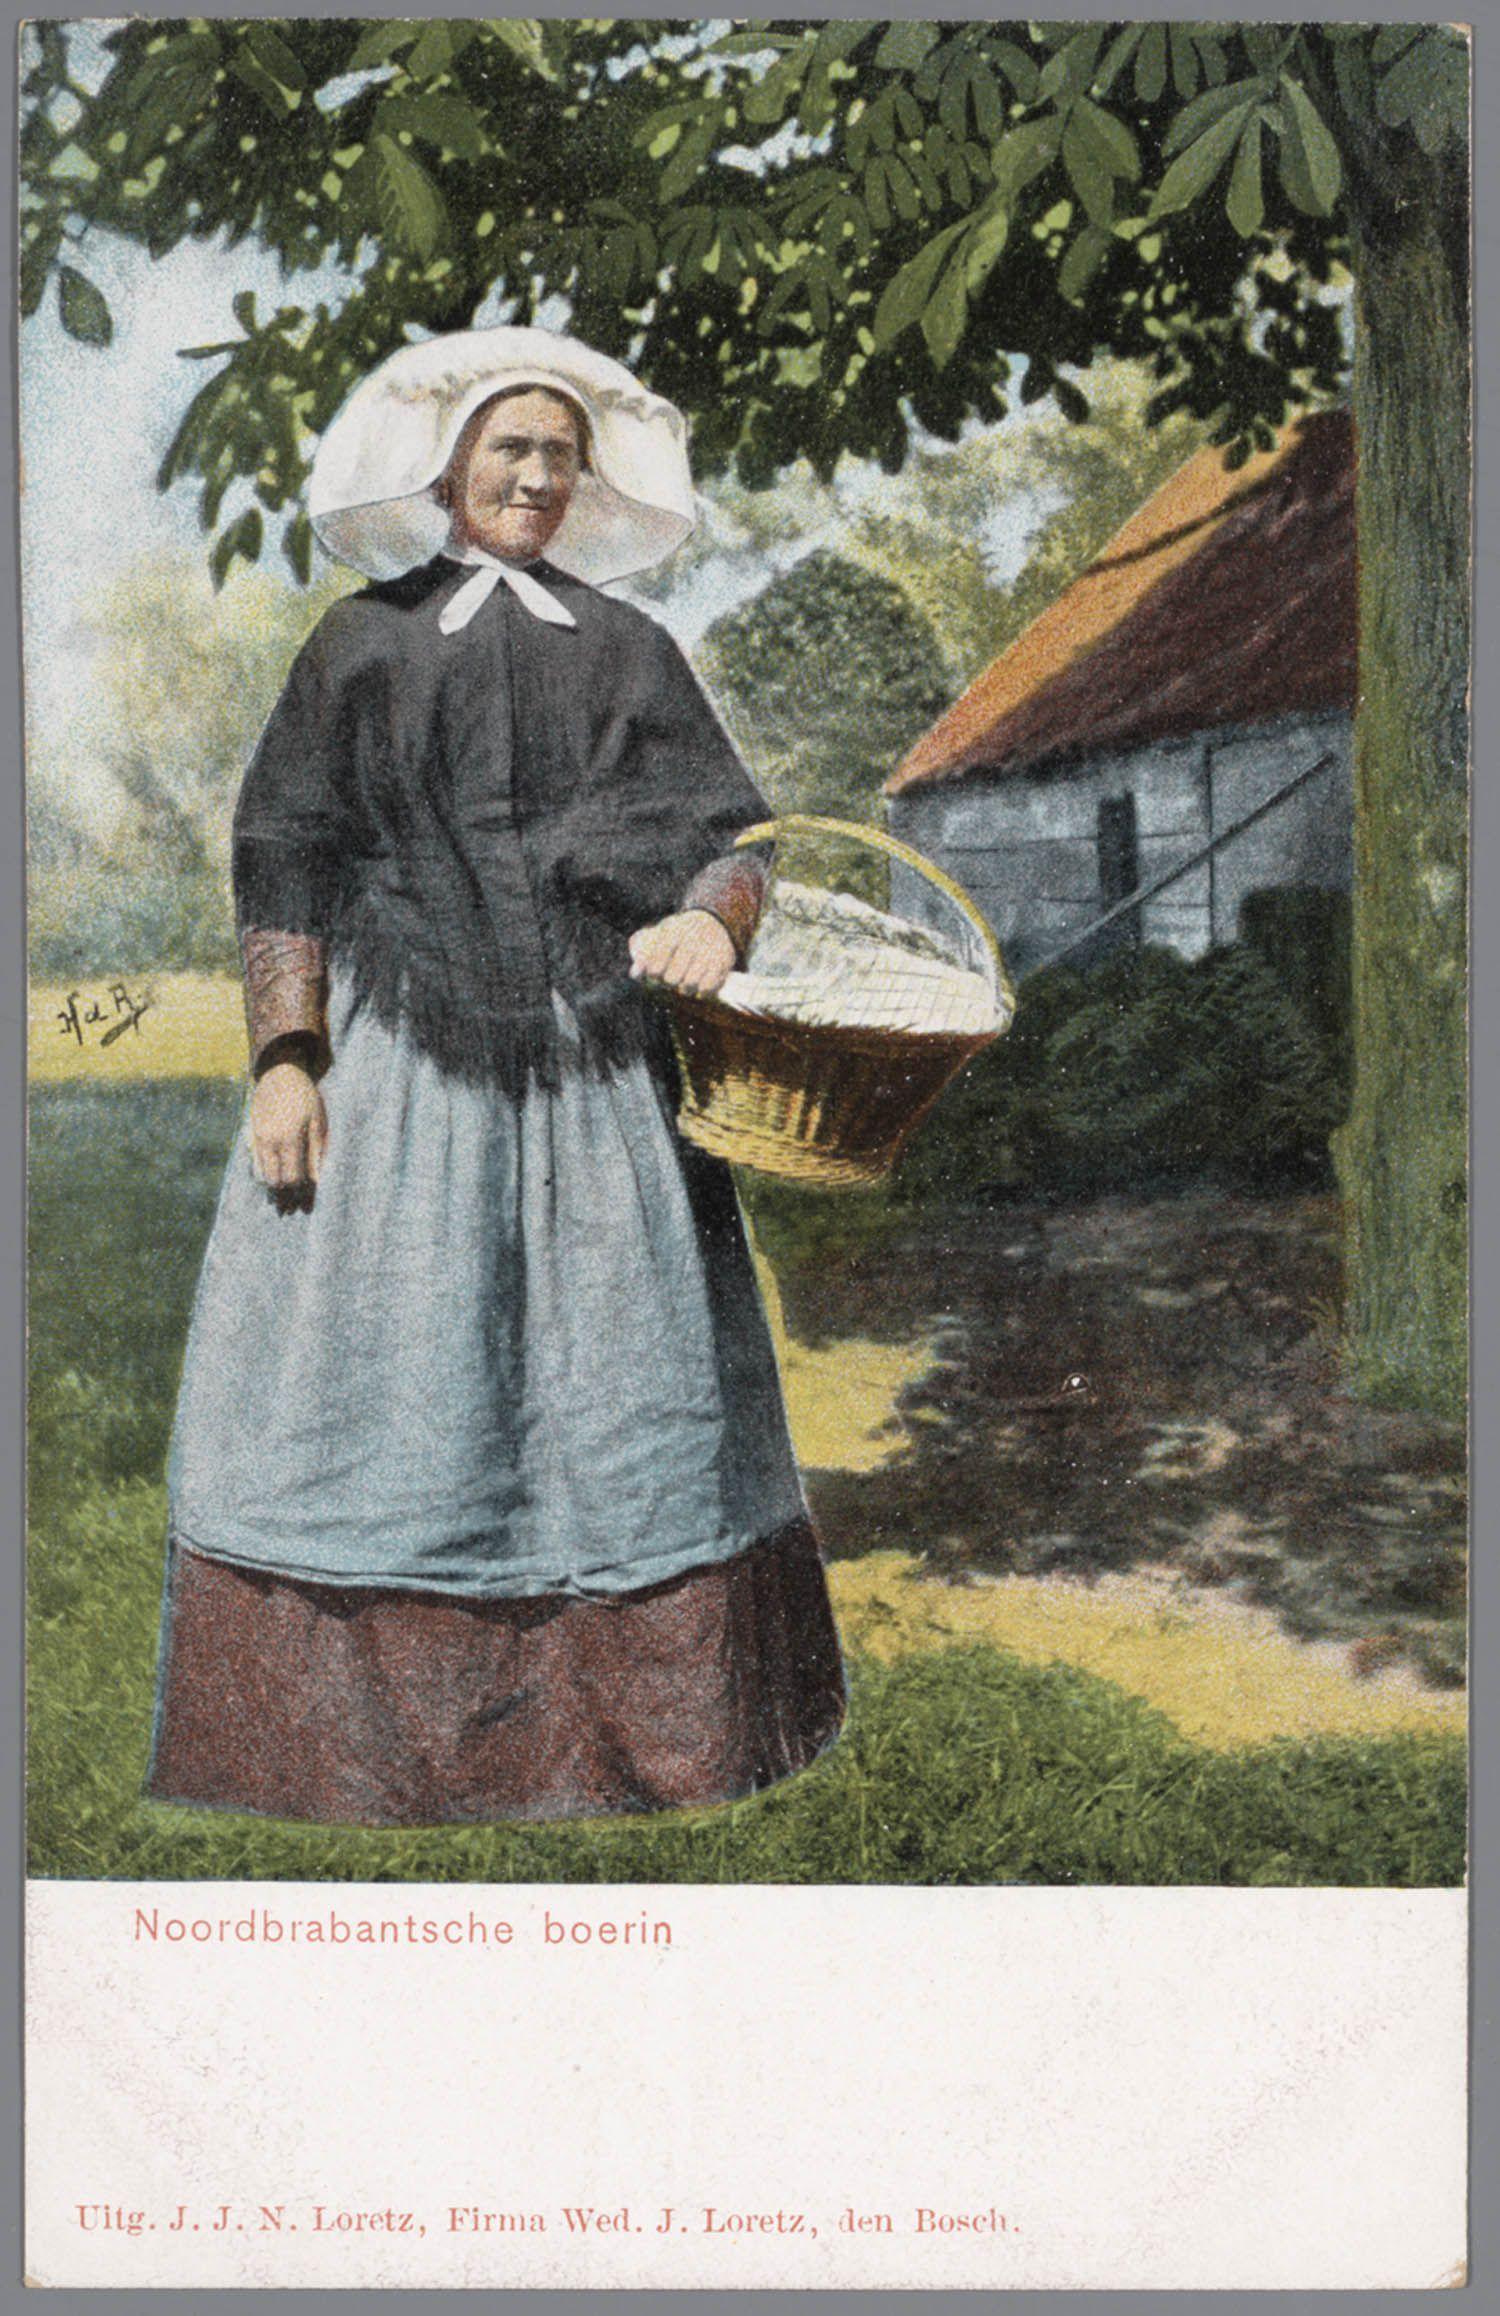 Vrouw in Noord-Brabantse streekdracht. Over de ondermuts draagt de vrouw een witte muts met daarover een 'poffer' (met linten en kunstbloemen versierde losse strook). Aan haar linkerarm draagt ze een hengselmand. na 1905 #NoordBrabant #Kempen